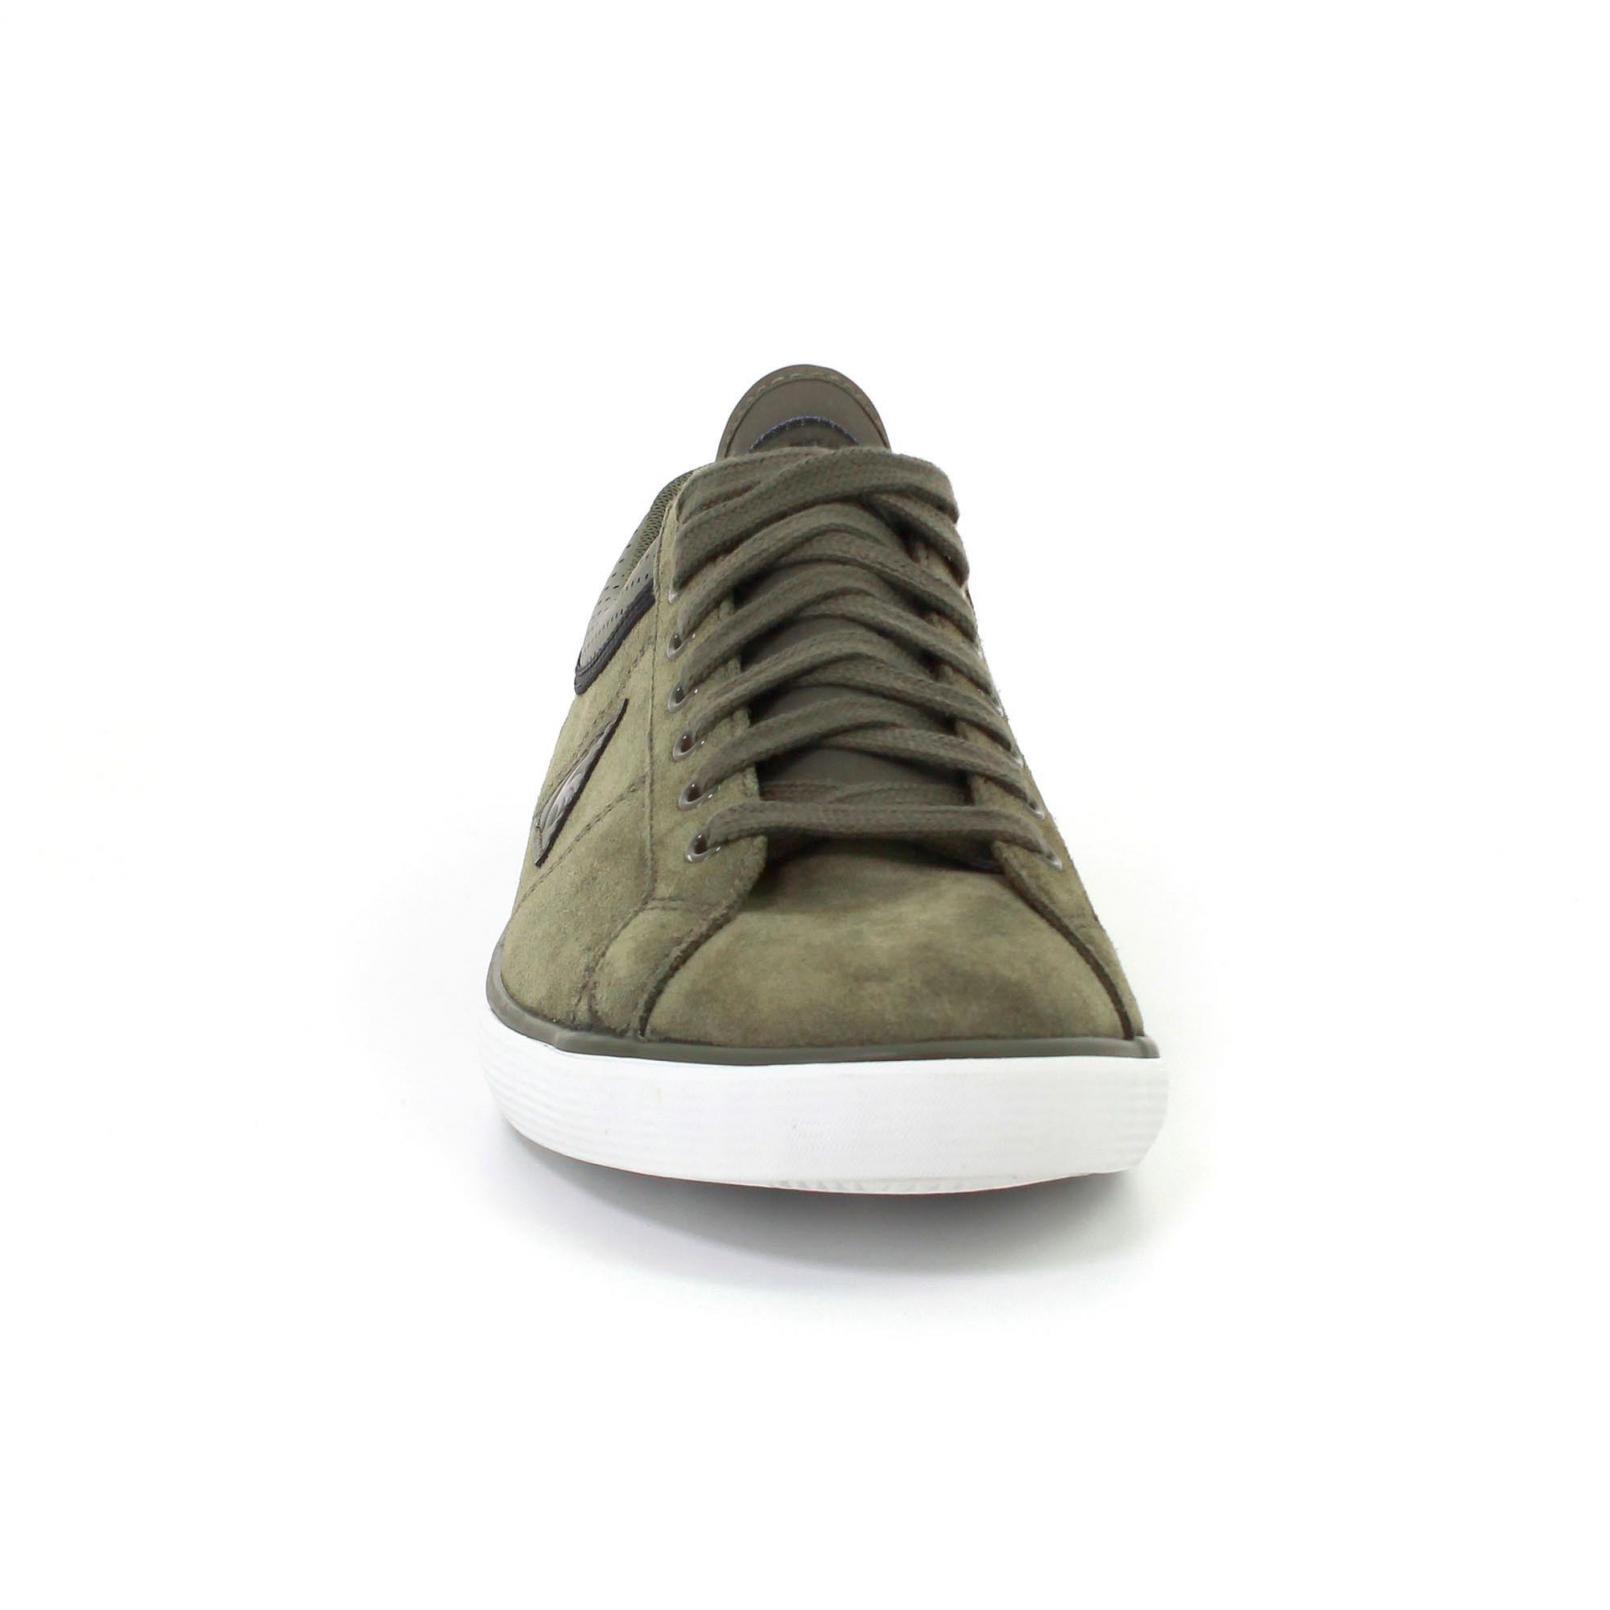 Shoes – Le Coq Sportif Saint Dantin Suede Green